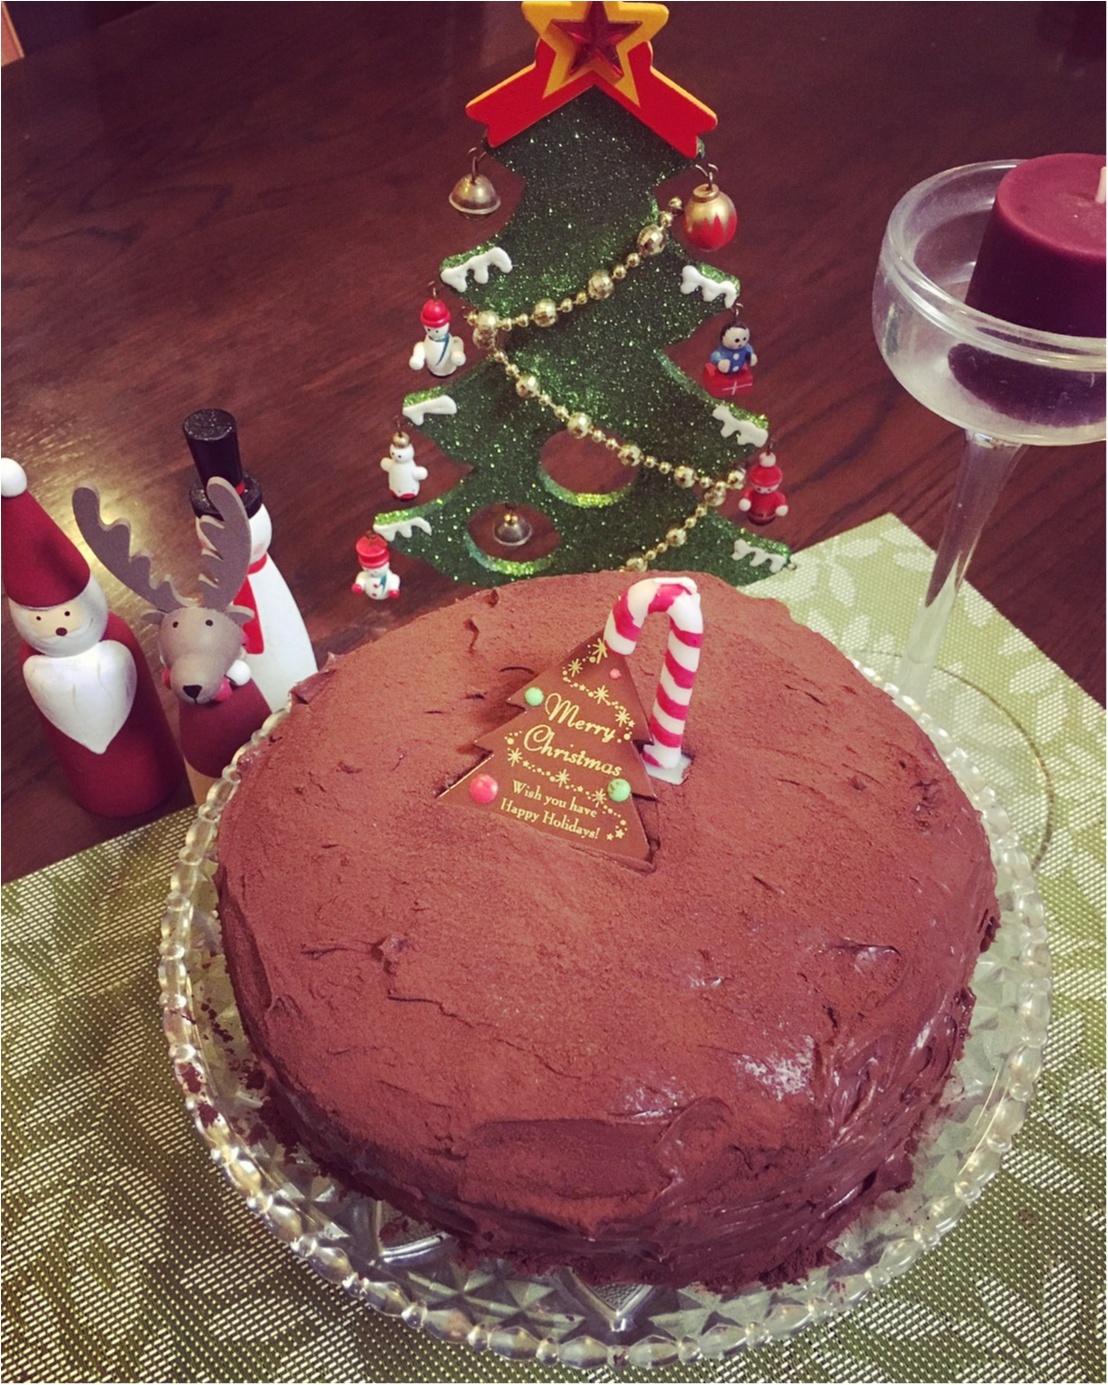 【クリスマスケーキ】大好きな手作りチョコレートケーキ♡♡クックパッドの人気レシピ_2